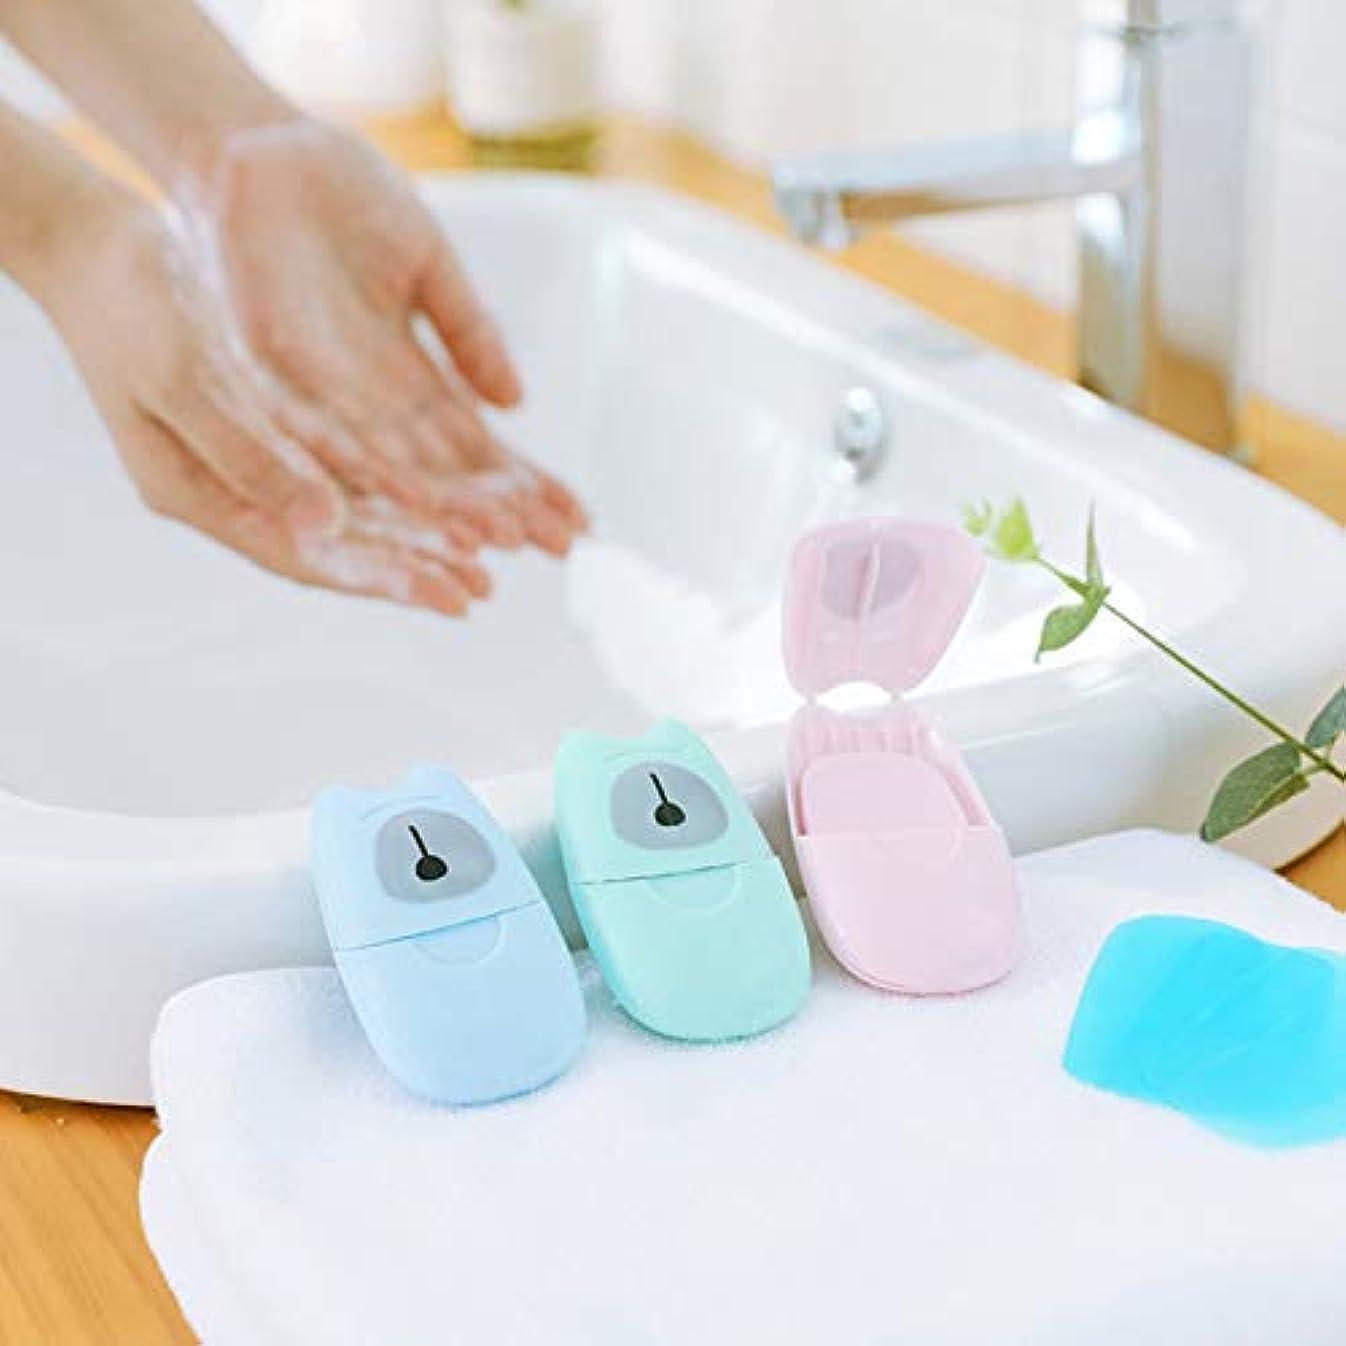 暖かくスペース船酔い箱入り石鹸紙旅行ポータブル屋外手洗い石鹸の香りのスライスシート50ピースプラスチックボックス付きミニ石鹸紙(色:緑)